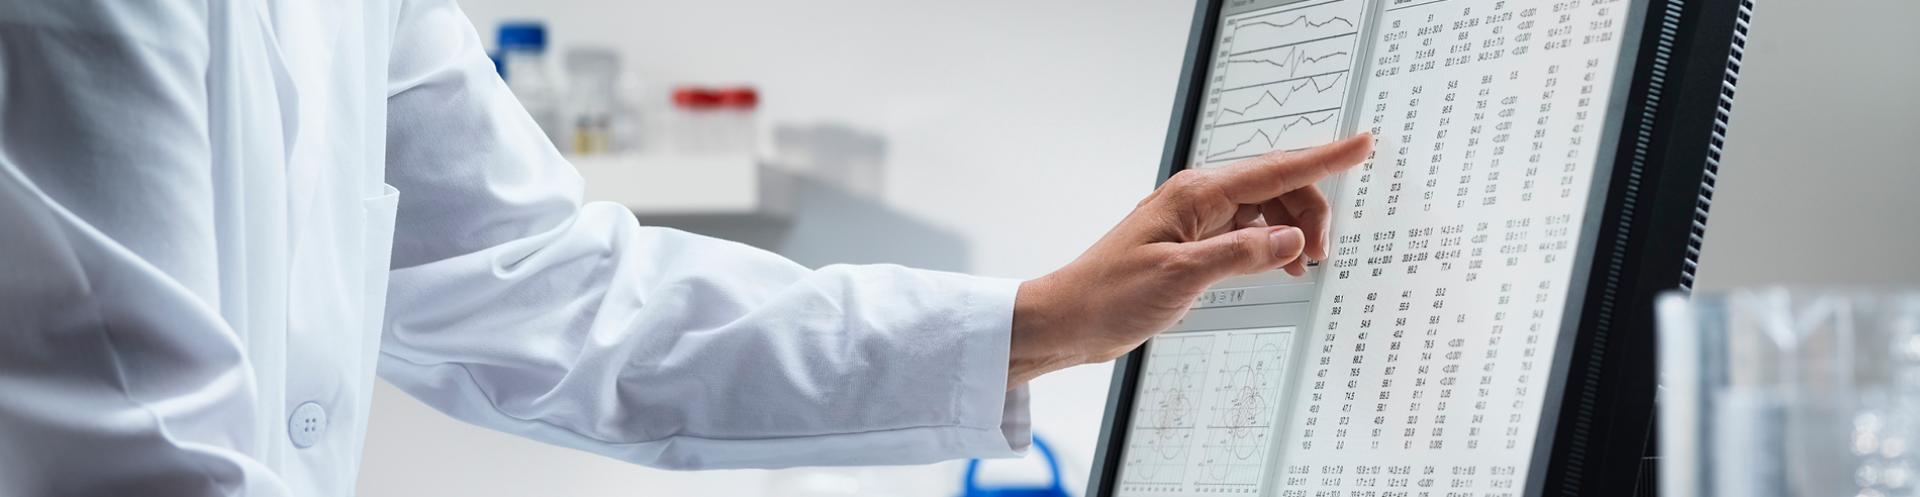 ماجستير في علم الجينوم والطب الدقيق